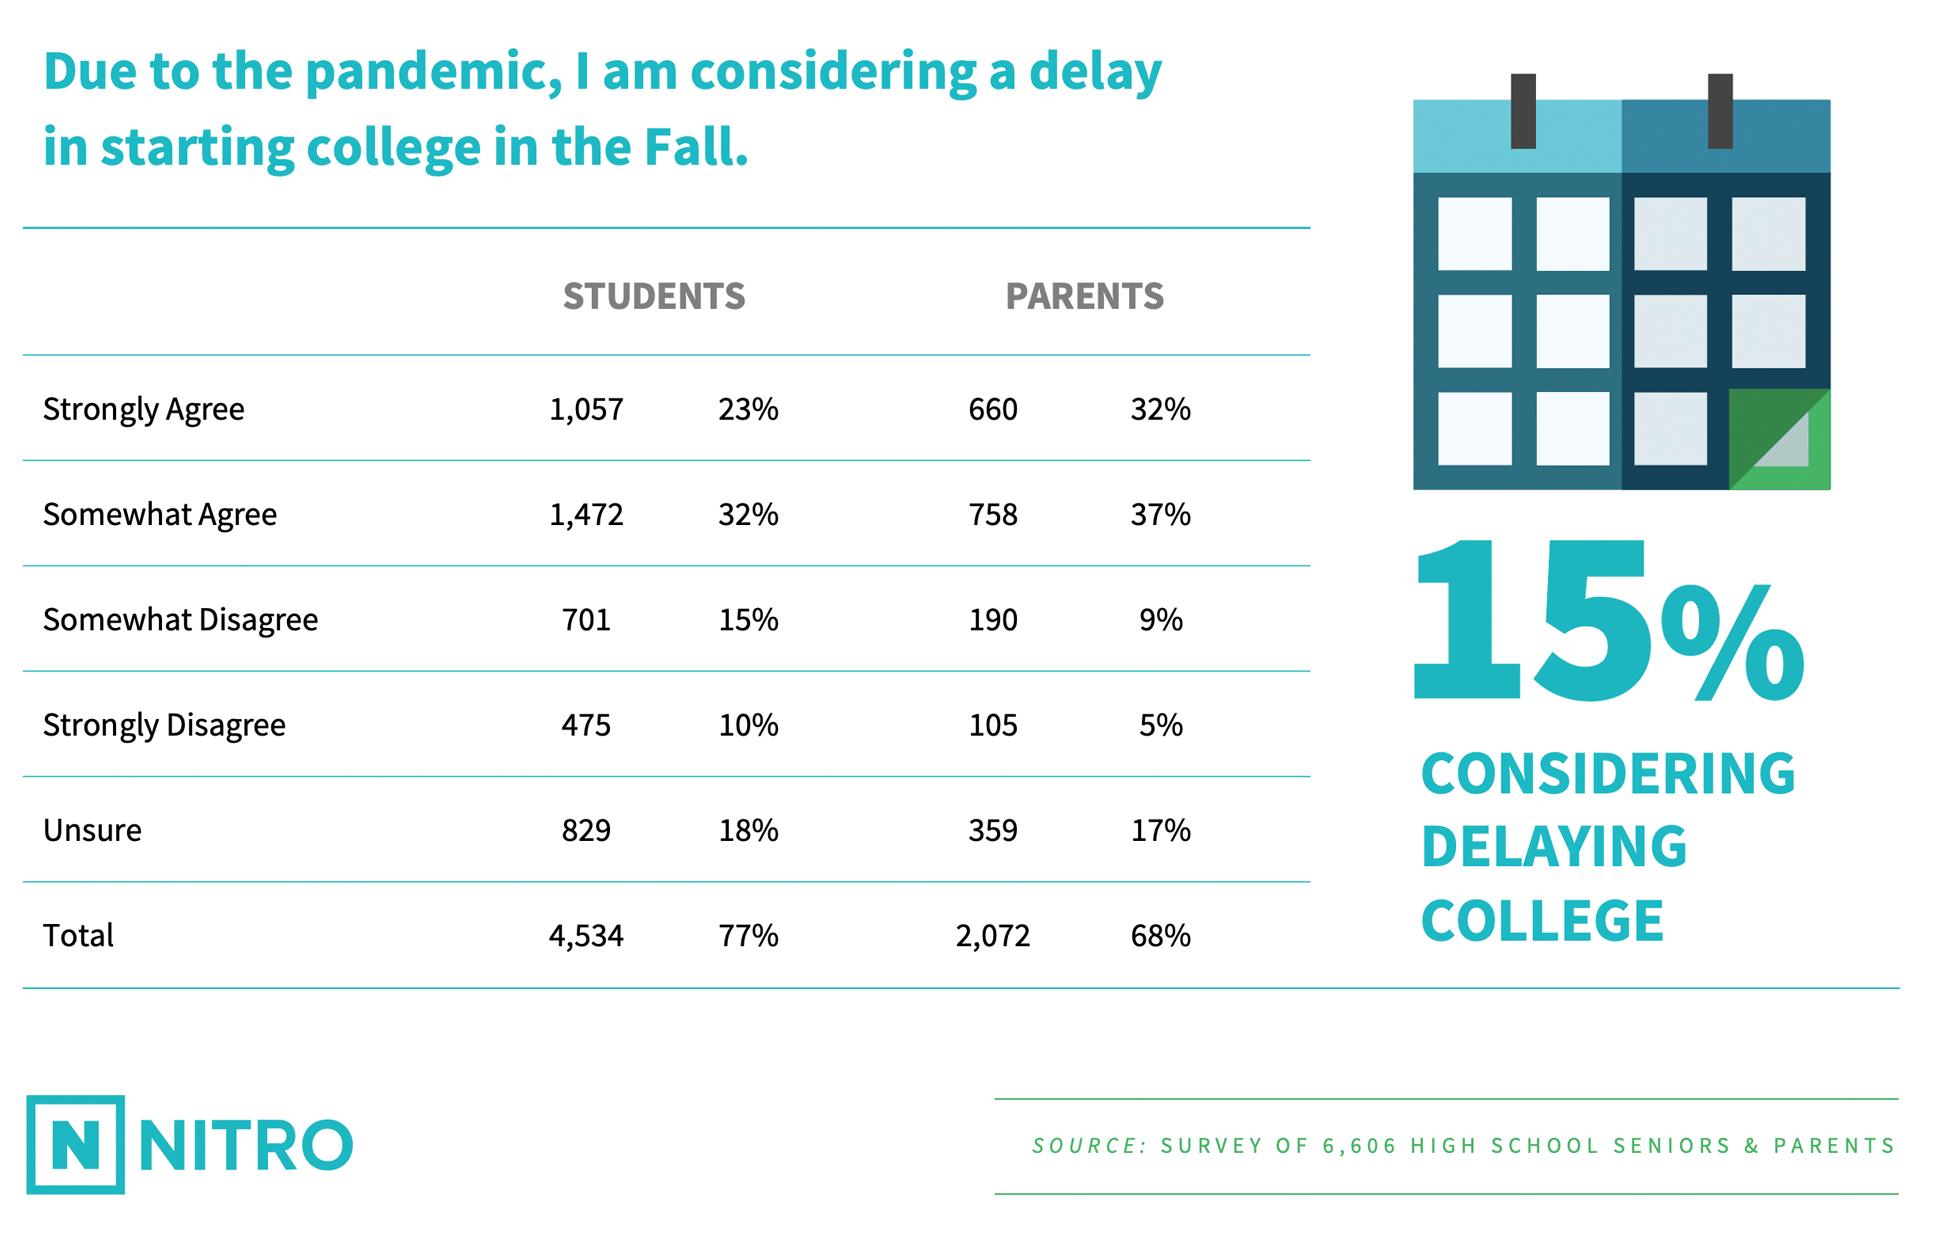 Considering_delay-2